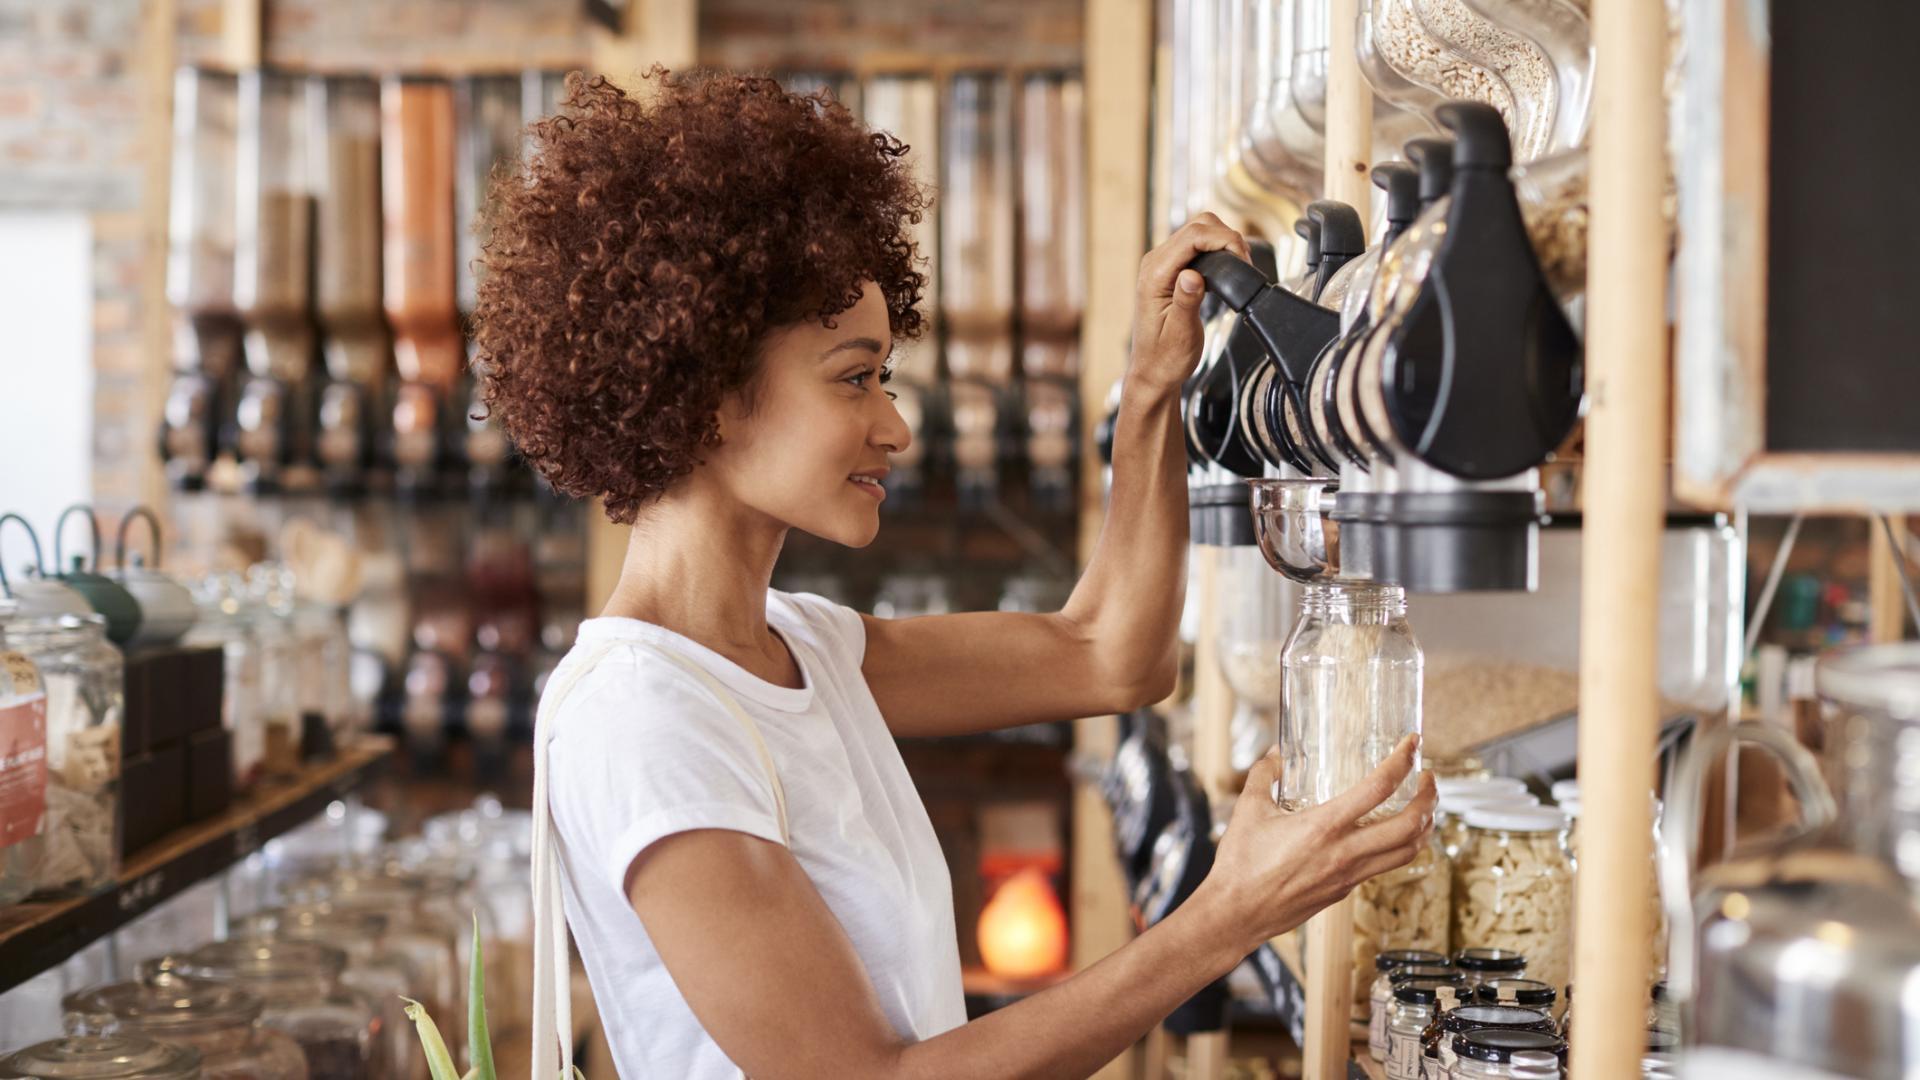 Frau im Unverpackt-Laden, einkaufen